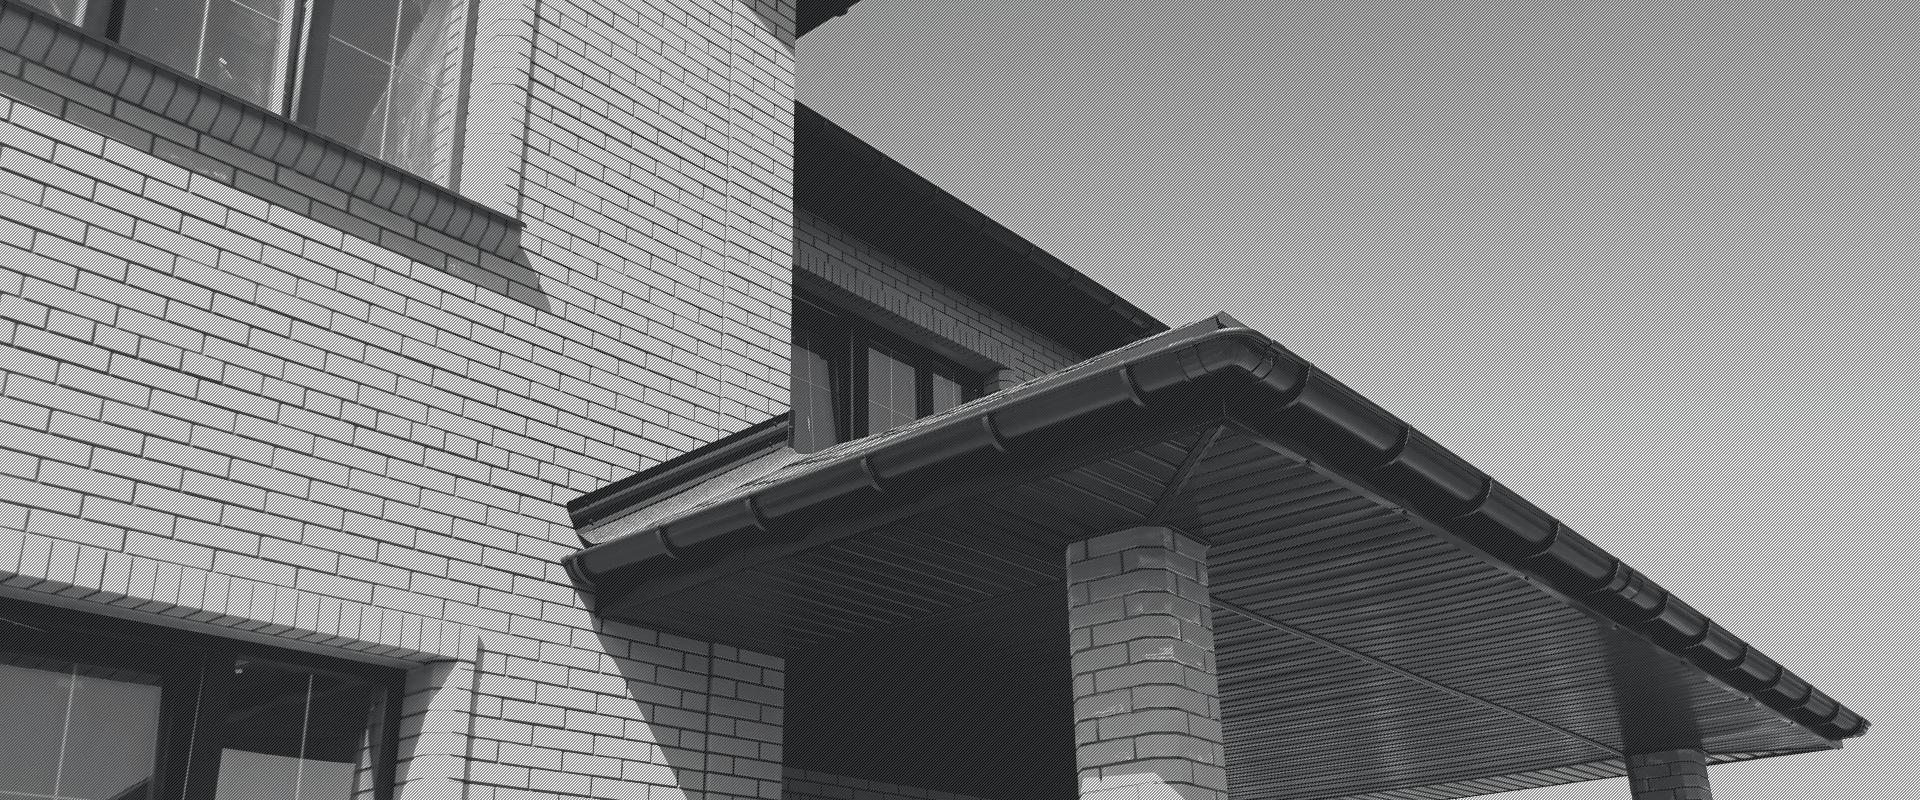 Металопластикові вікна WDS 8S   Запоріжжя, 2018   Об'єкти ЄВРОБУД